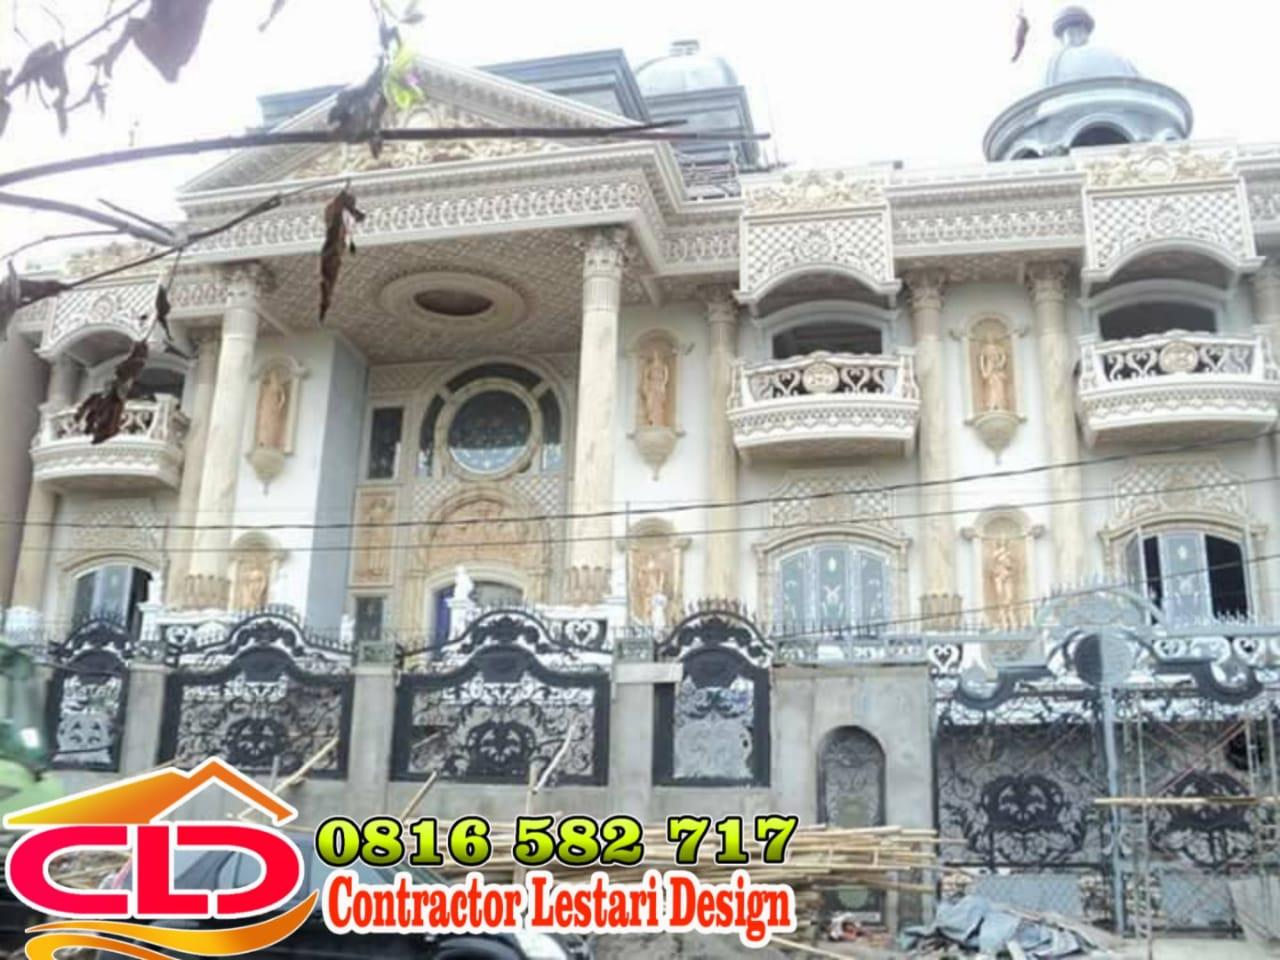 kontraktor rumah klasik pluit,kontraktor rumah mewah grogol,kontraktor rumah mewah